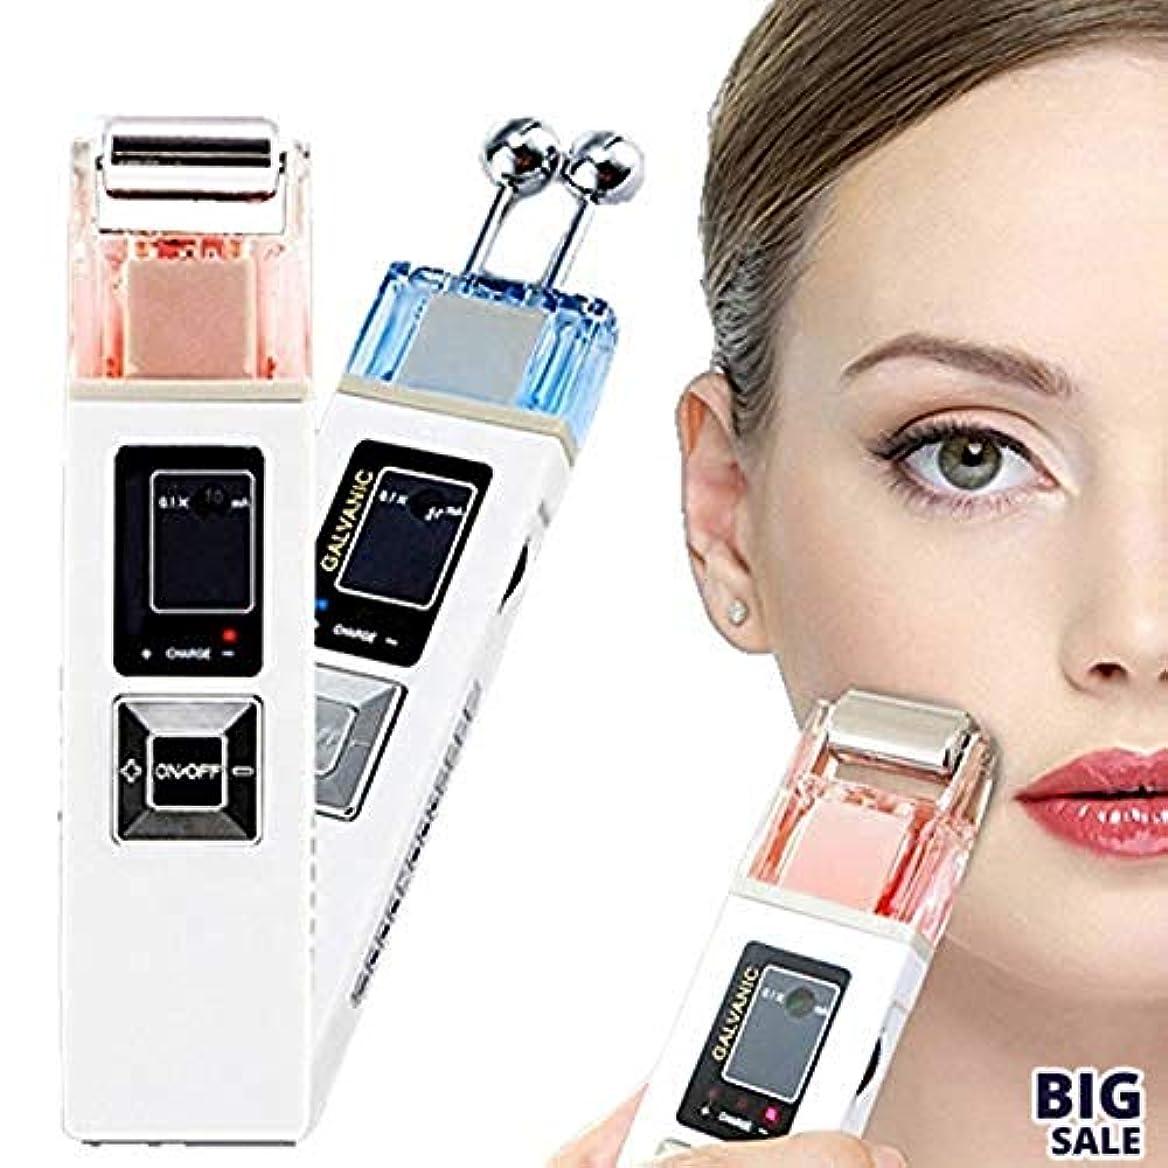 不可能なナビゲーション法律によりNICEE5 1つの美顔装置に付き、無線周波持ち上がるEMS LCDライトガルバニックイオン療法は若返り、滑らかな良いラインスキンケアのきつく締まりますNICEY